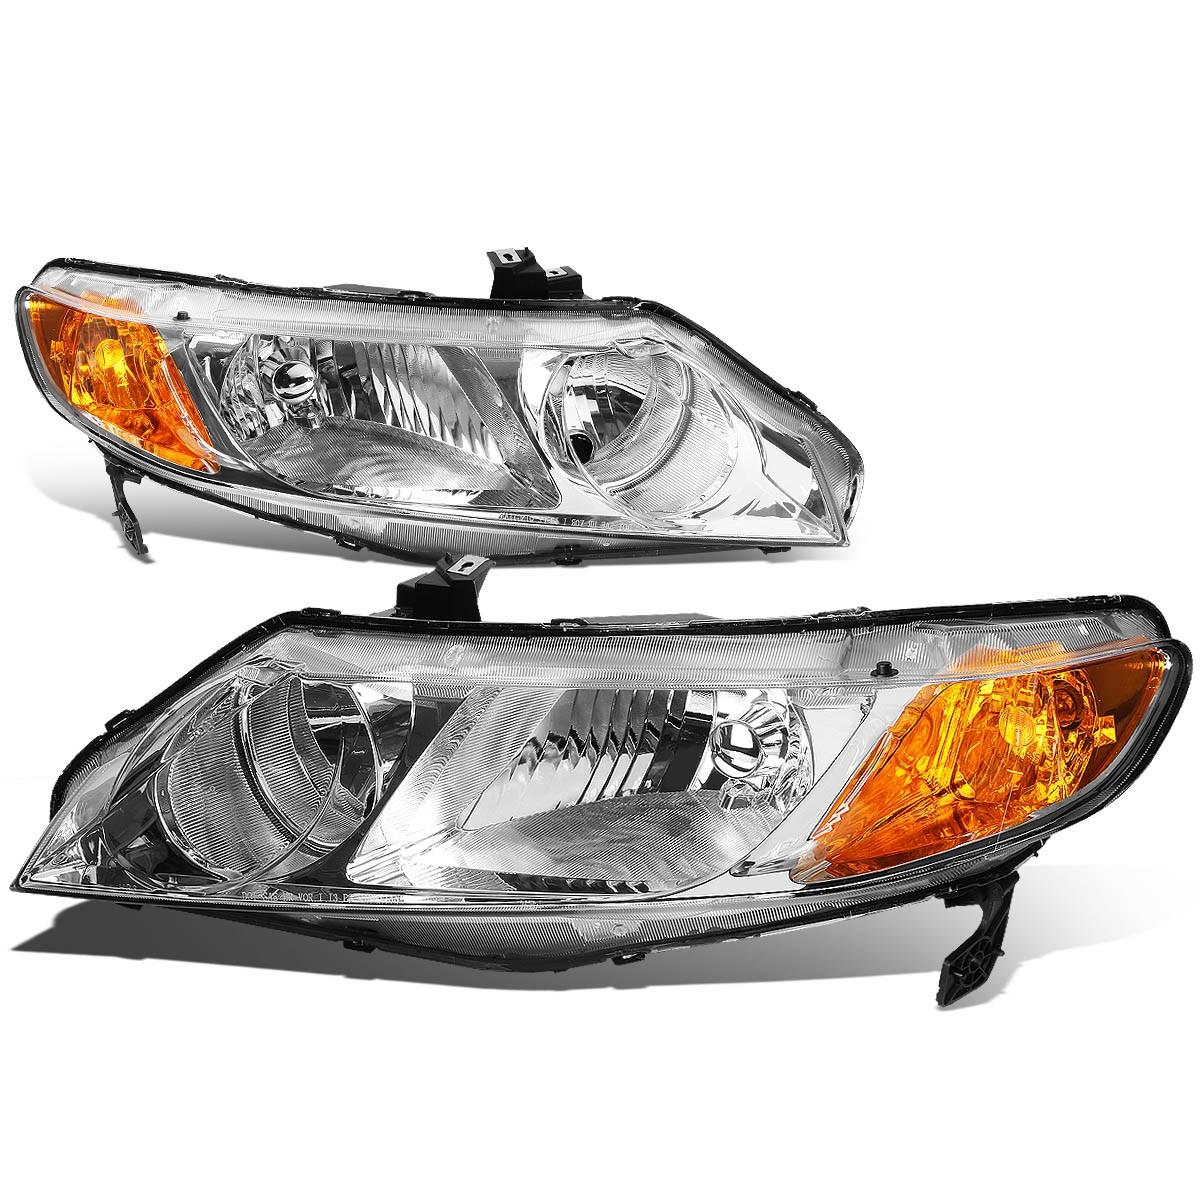 For 06 11 Honda Civic Sedan Pair of Chrome Housing Amber Corner Headlight 07 08